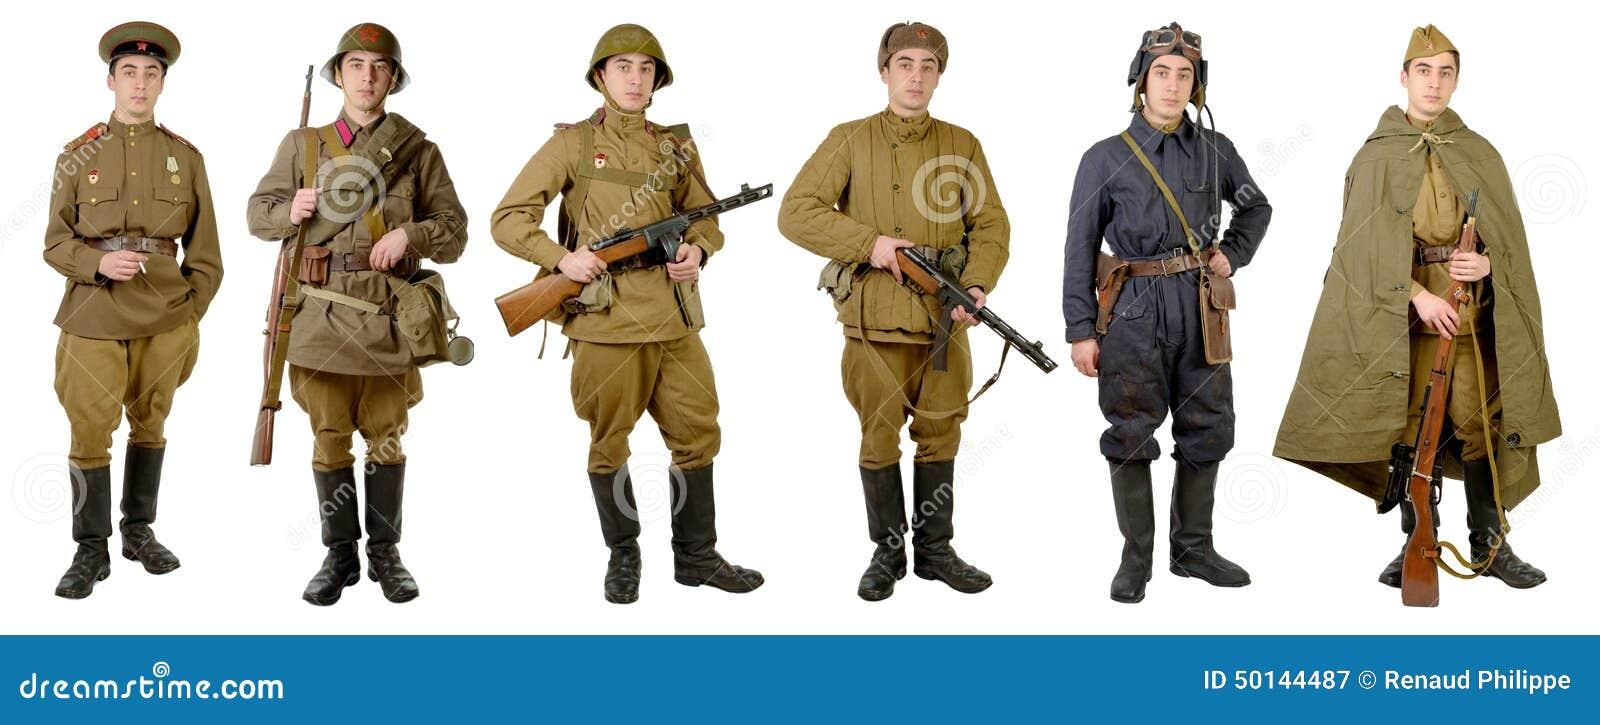 Photo militaire Soldat allemand en Uniforme initiale A